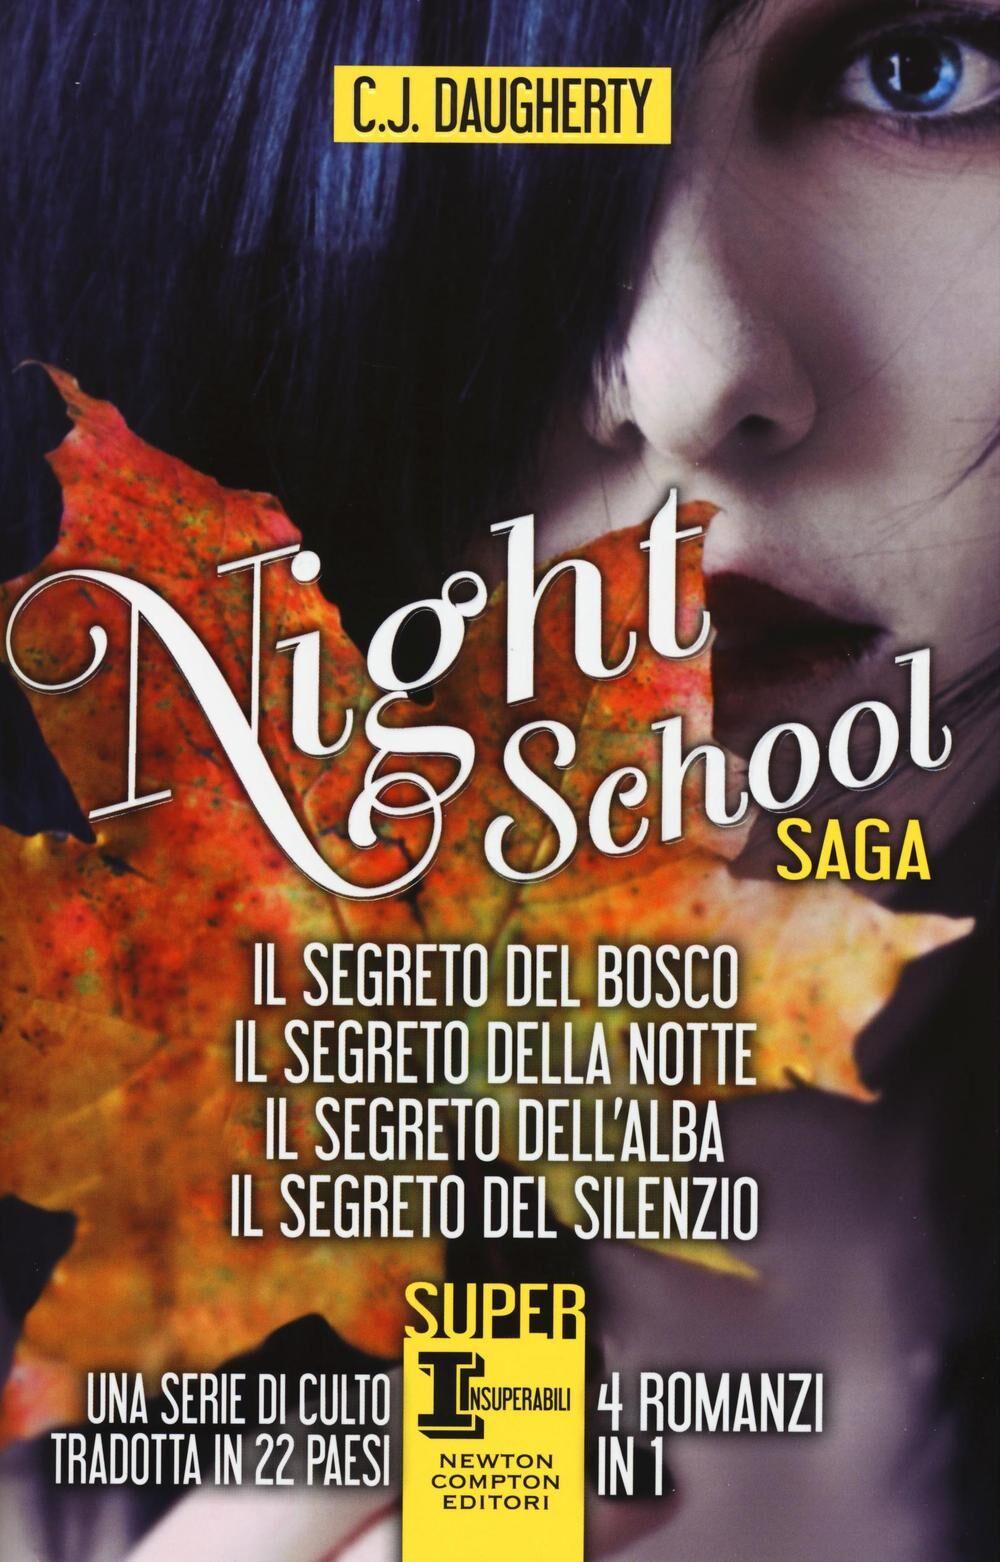 Night school: Il segreto del bosco-Il segreto della notte-Il segreto dell'alba-Il segreto del silenzio